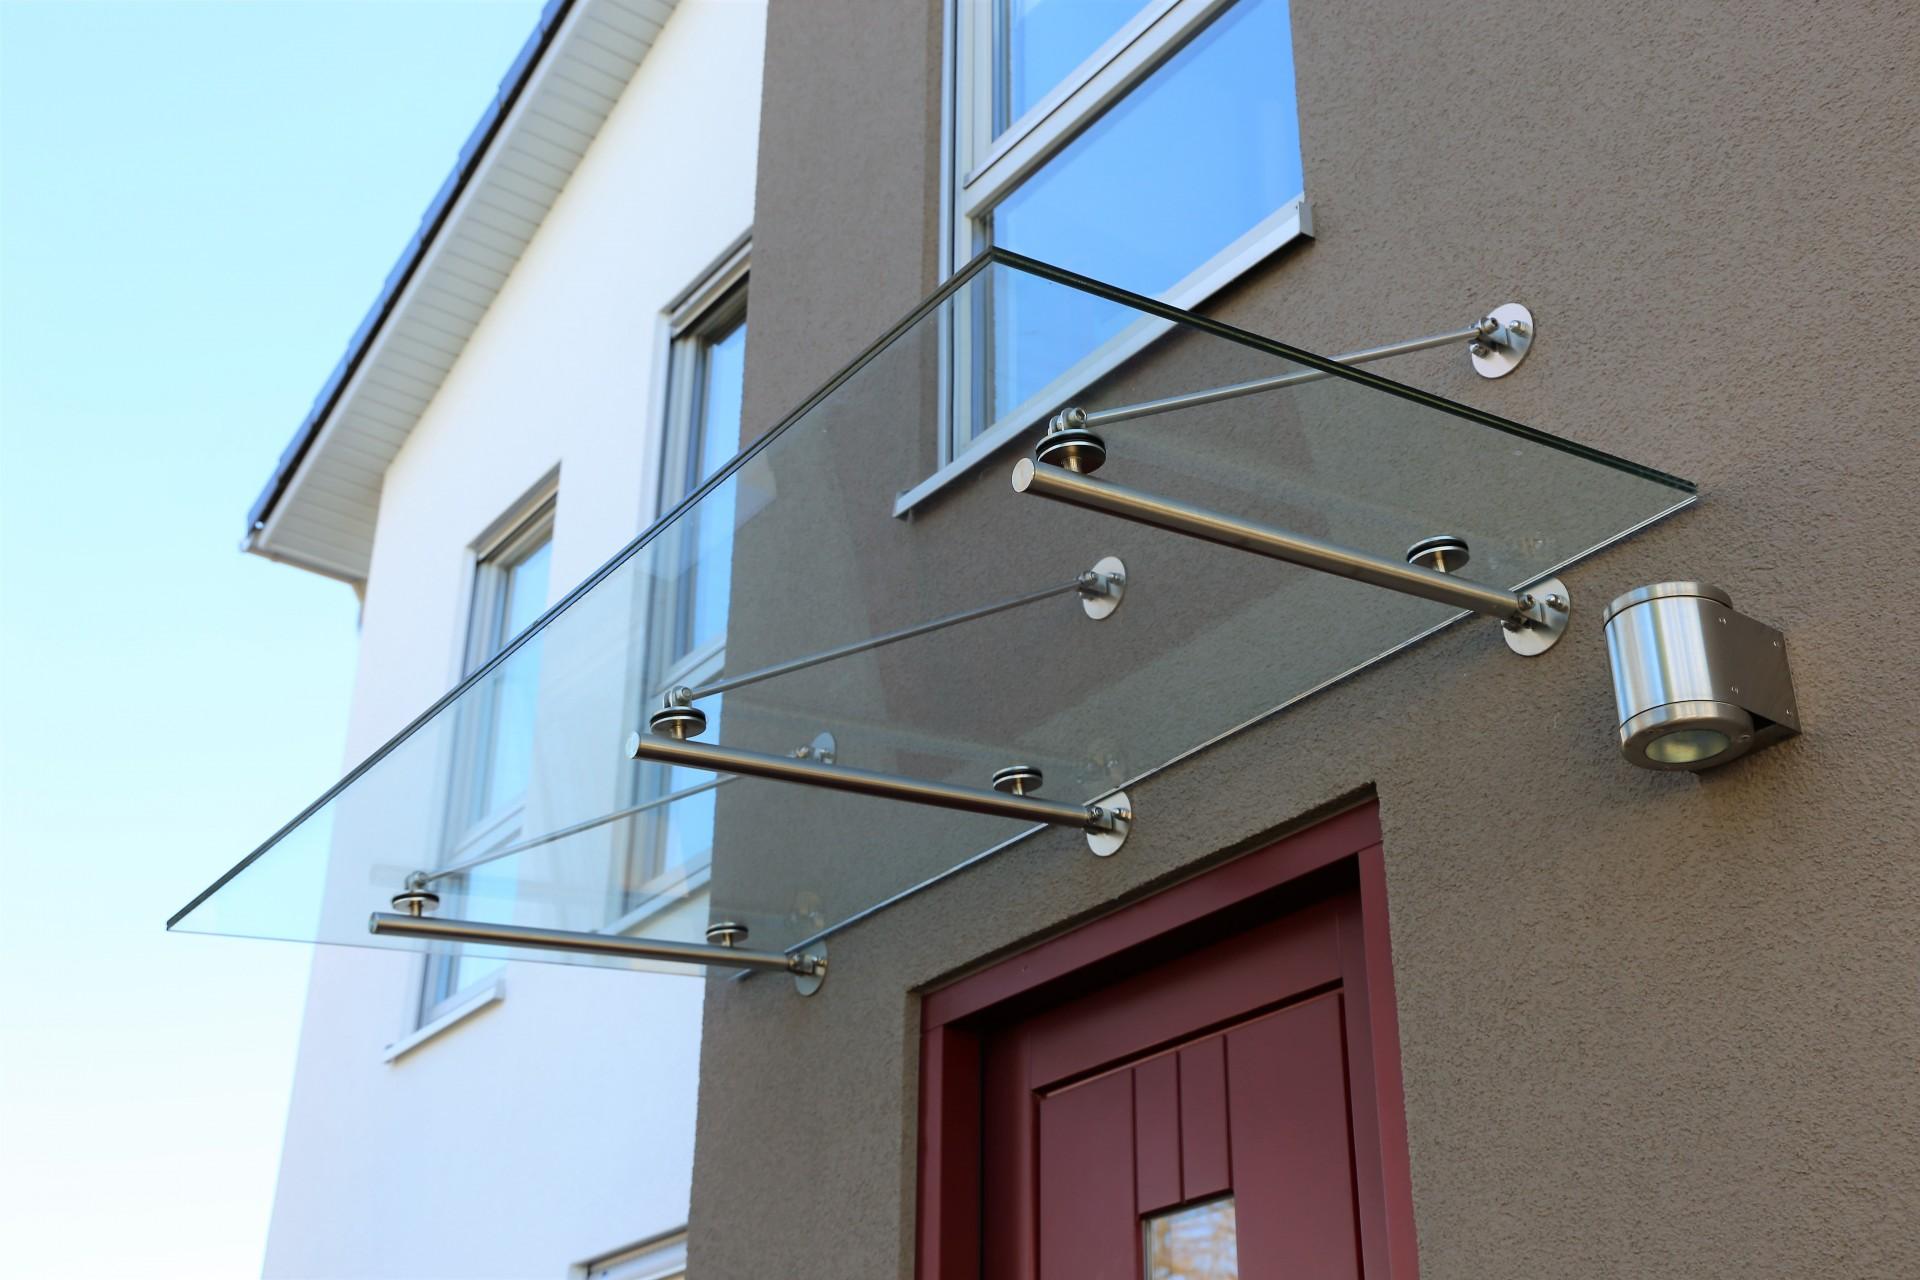 Produzione e lavorazione di vetri vetrate specchi a verona vetreria bellomi la fabbrica di - Specchi su misura verona ...